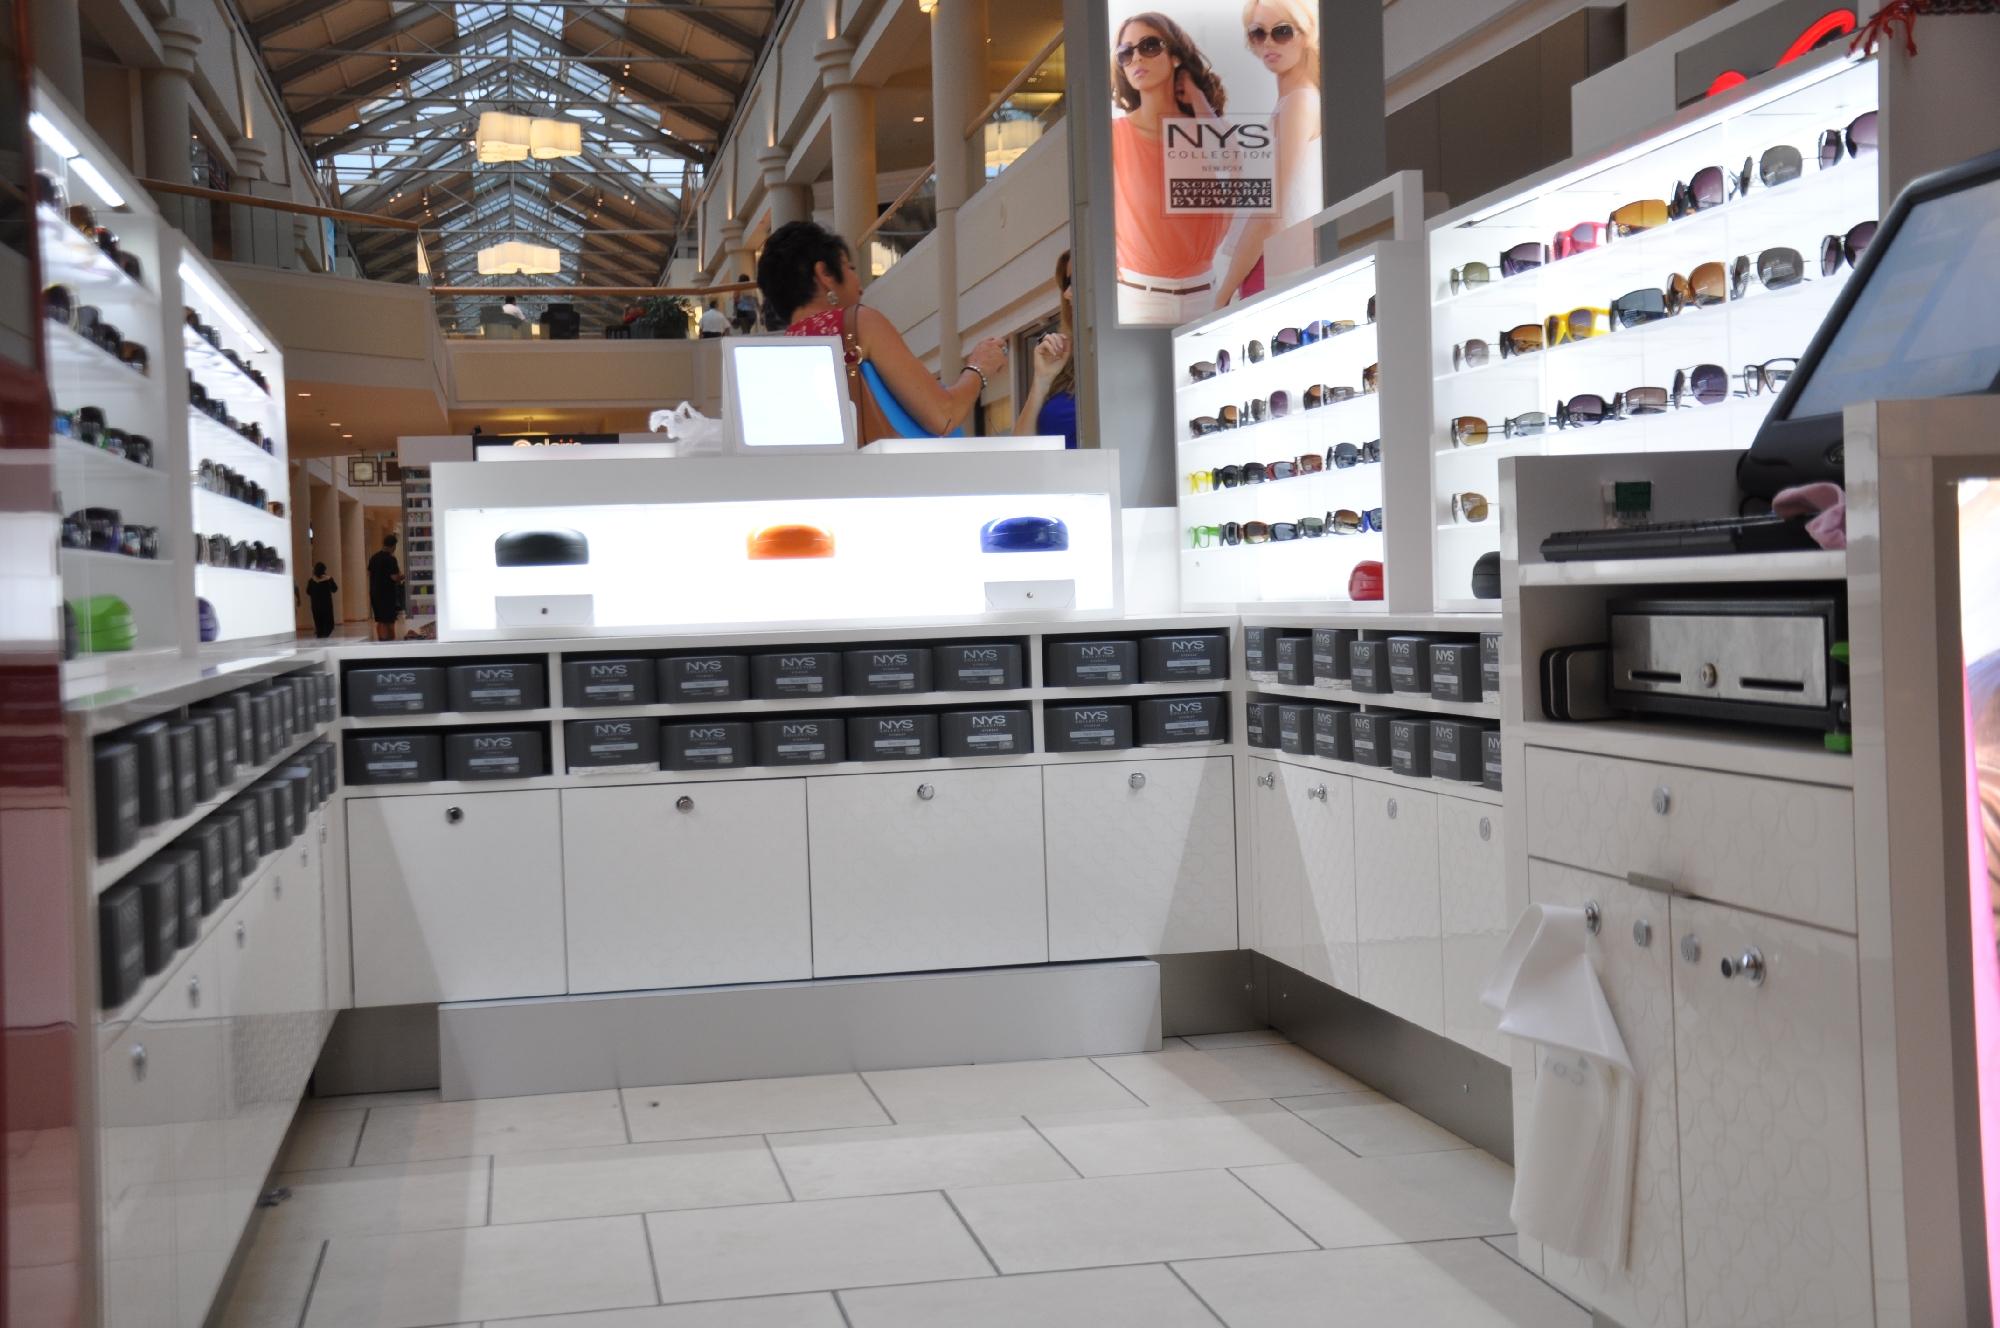 NYS KIOSK Freehold Mall 2012 041__23.jpg